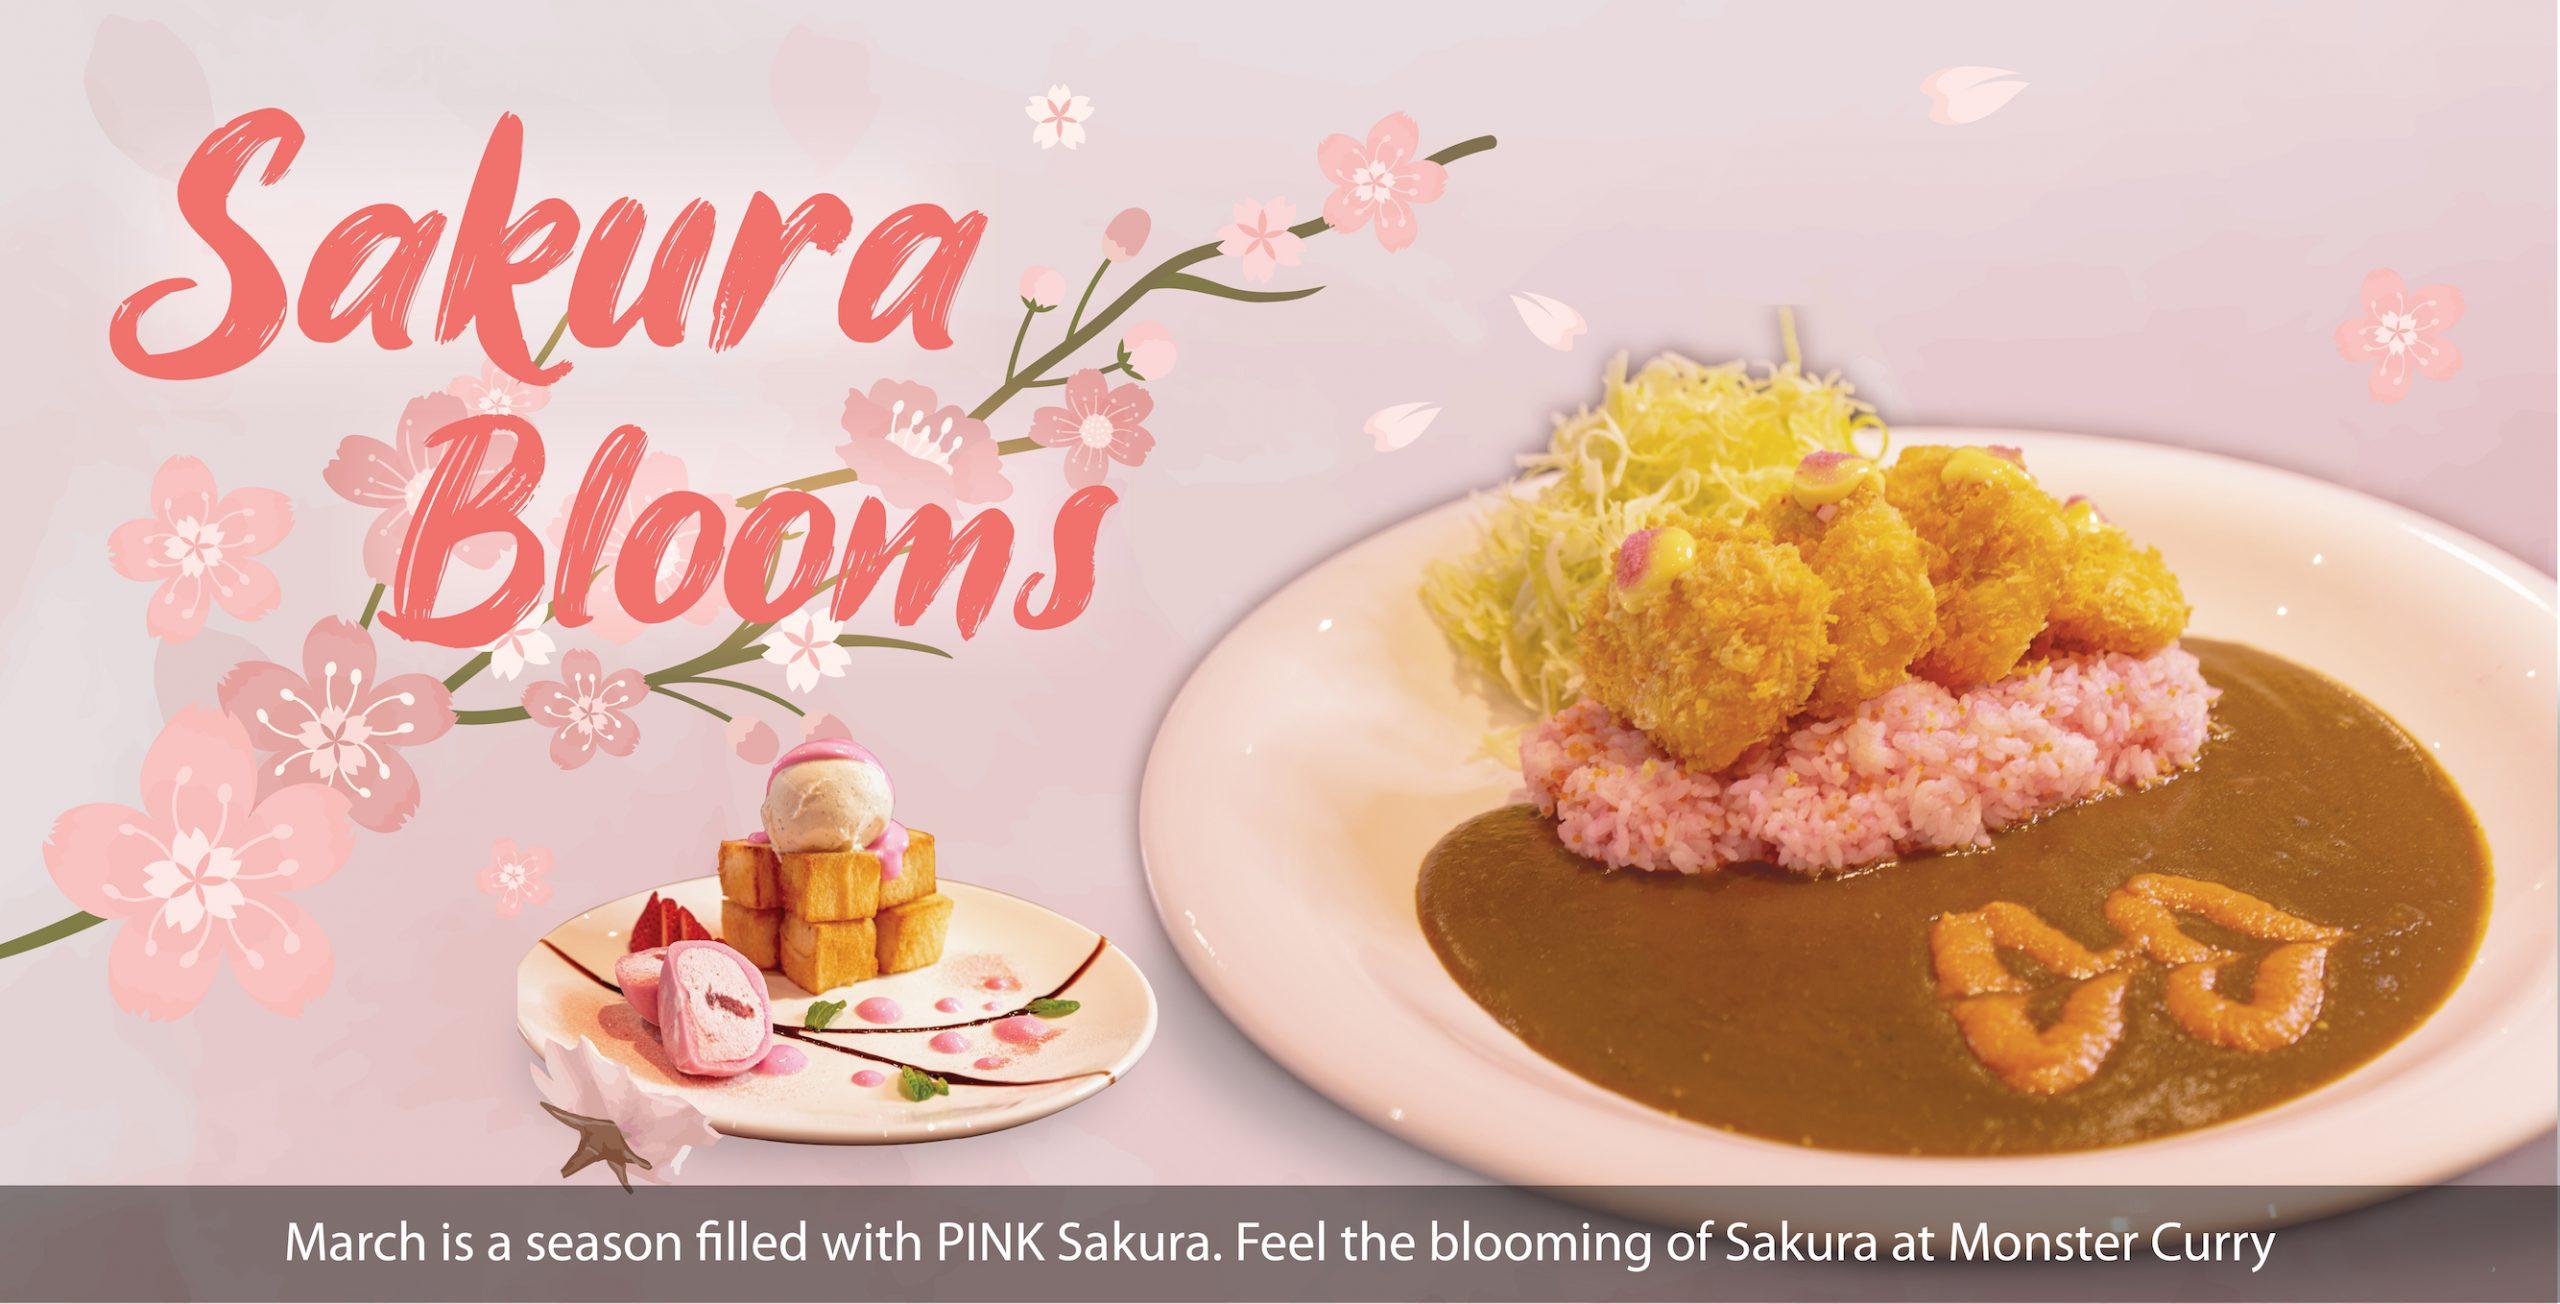 Sakura Blooms at Monster Curry